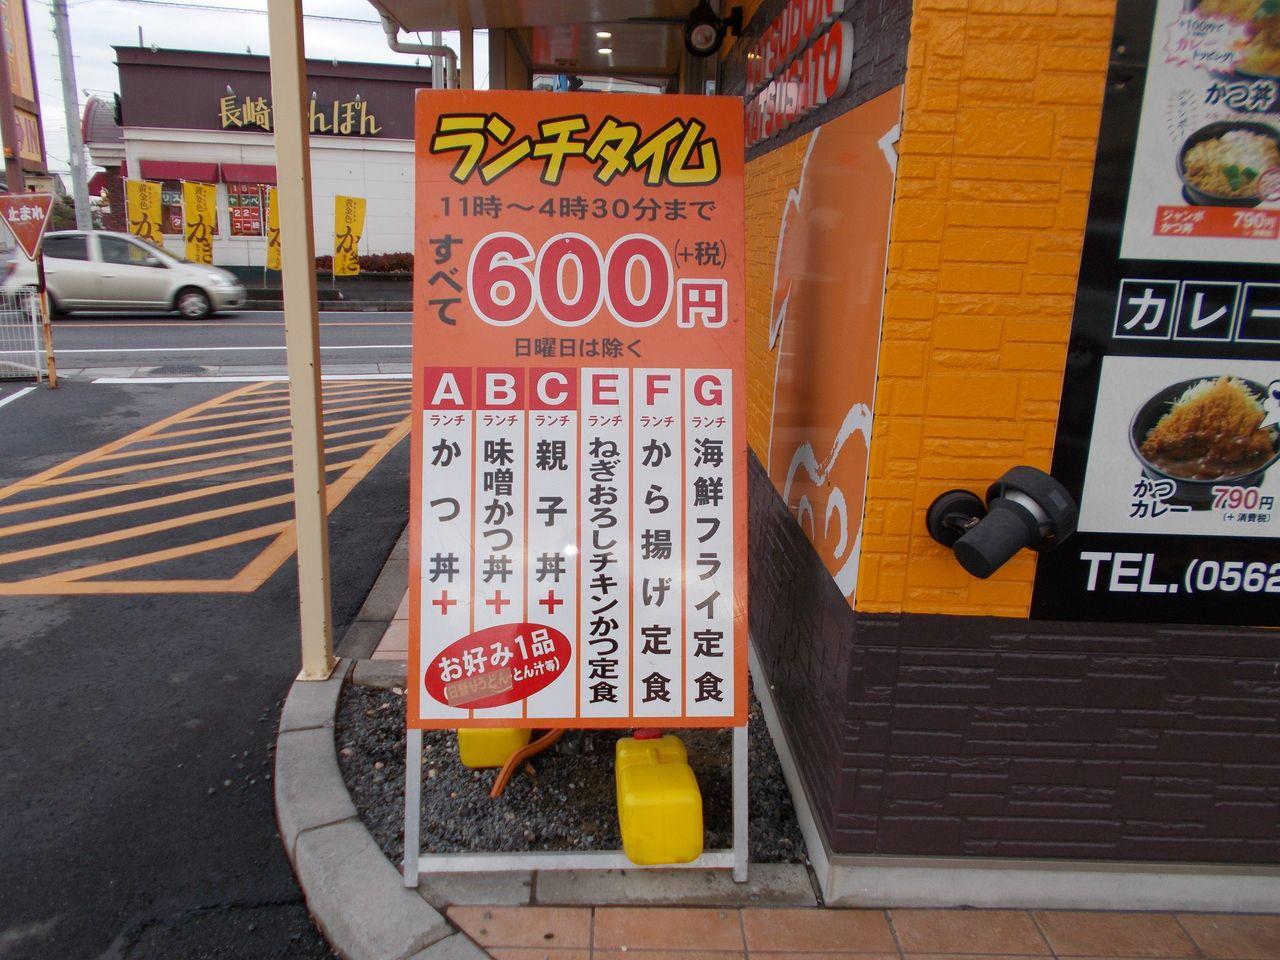 5種類の丼と大とん汁、お新香+とん汁、キャベツ+とん汁、お新香+卵1個増量のどれかを選べる丼セットが600円(税込648円)です。